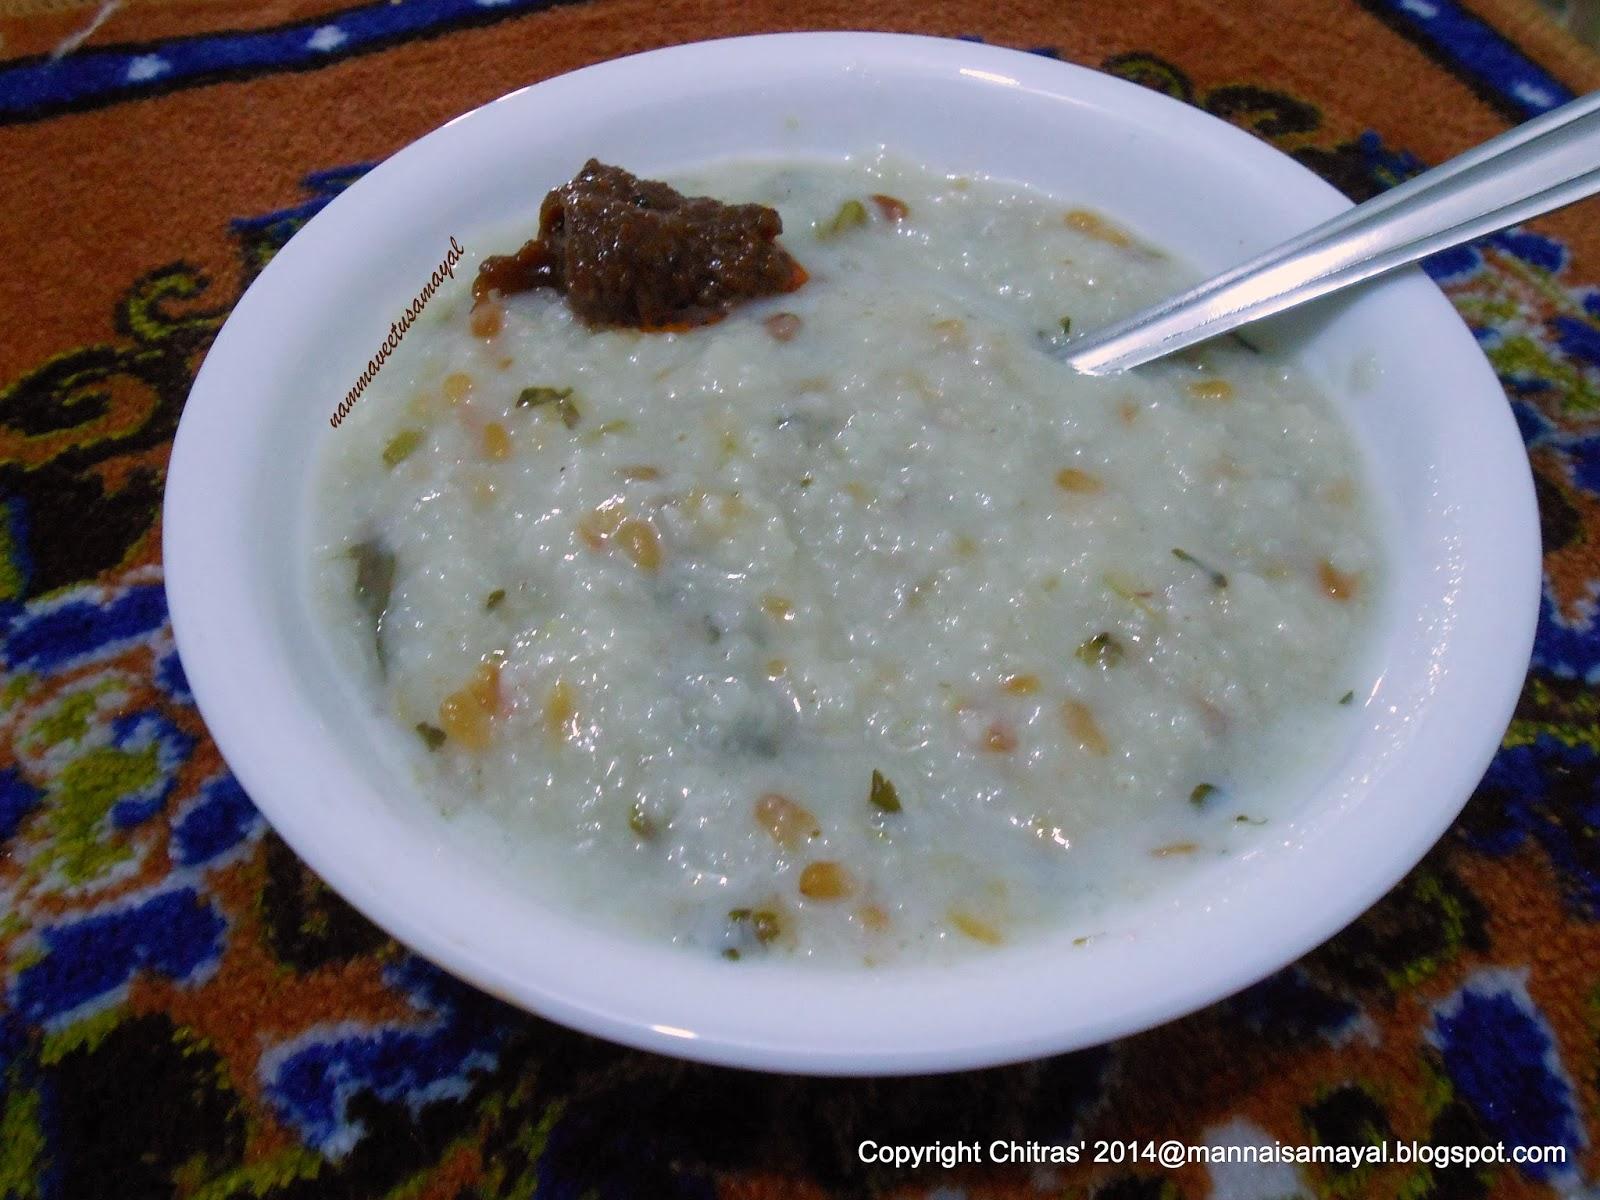 Varagarisi Venthaya Kanji [ Kodo millet Fenugreek Porridge ]